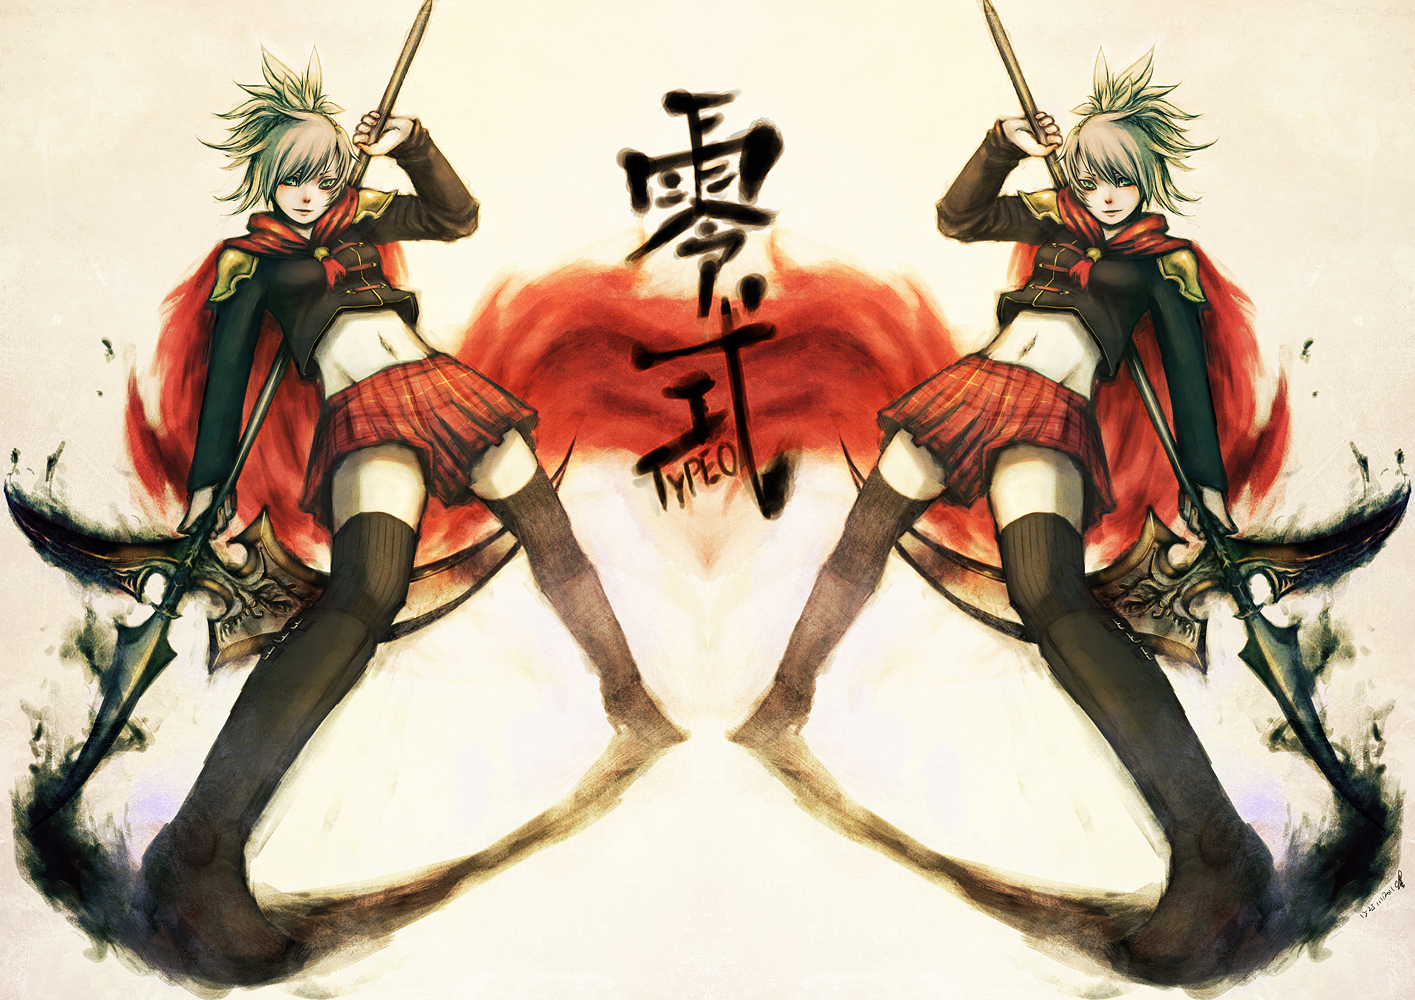 Sice by ReiTuki